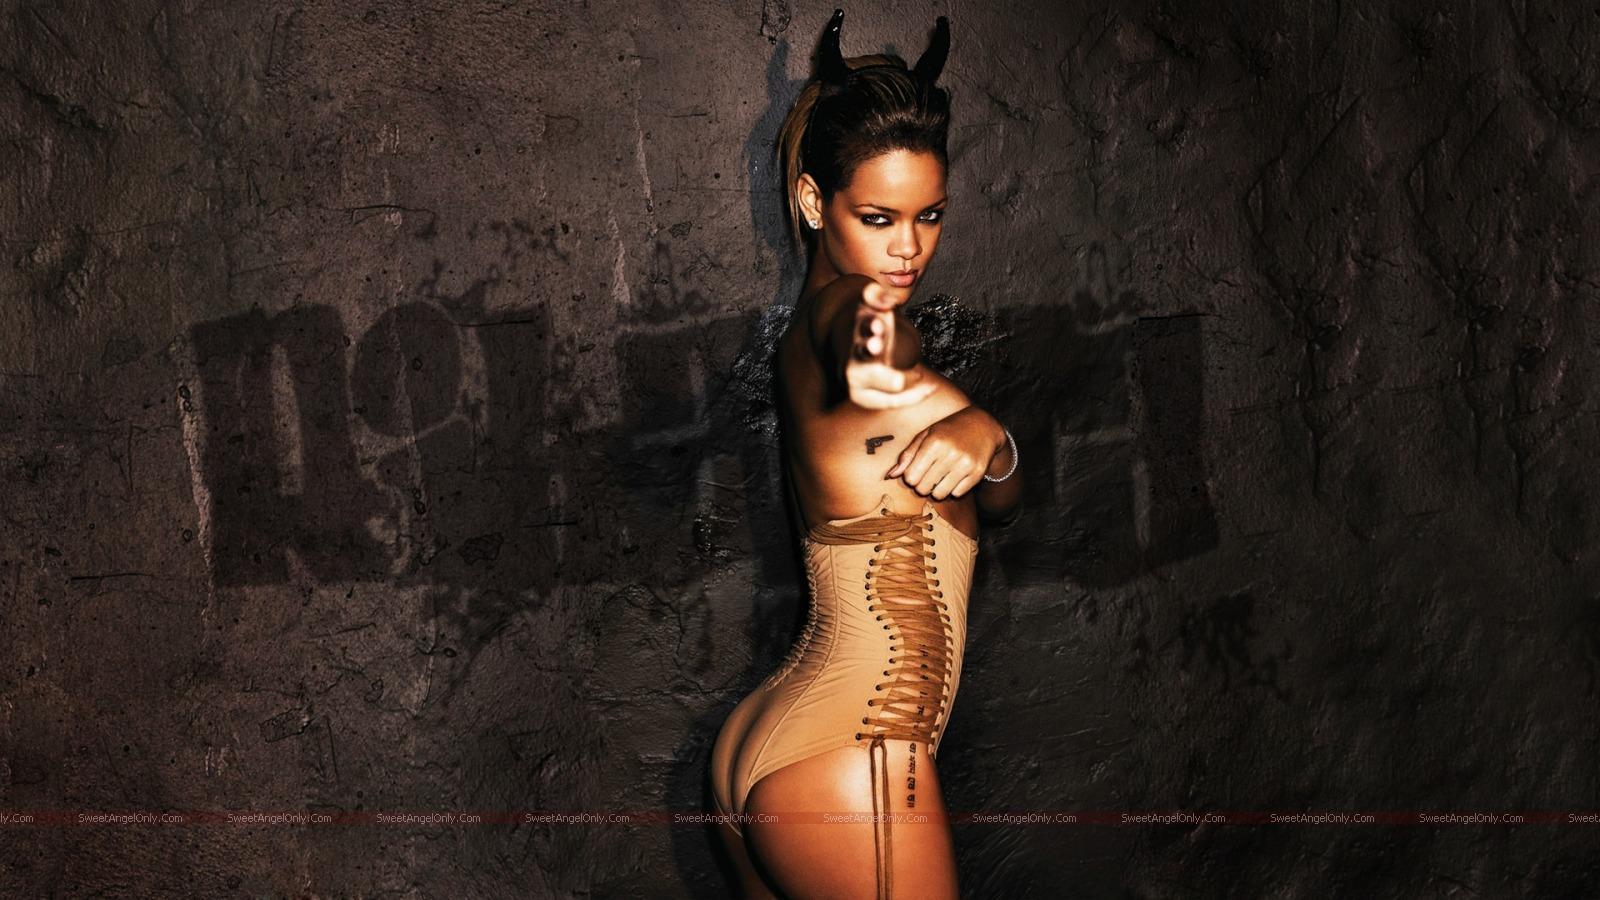 http://1.bp.blogspot.com/_jJPqWg6V3Y8/TUKwOSVbSAI/AAAAAAAAD98/ldhX467rqsY/s1600/hollywood_hot_actress_wallpapers_69.jpg